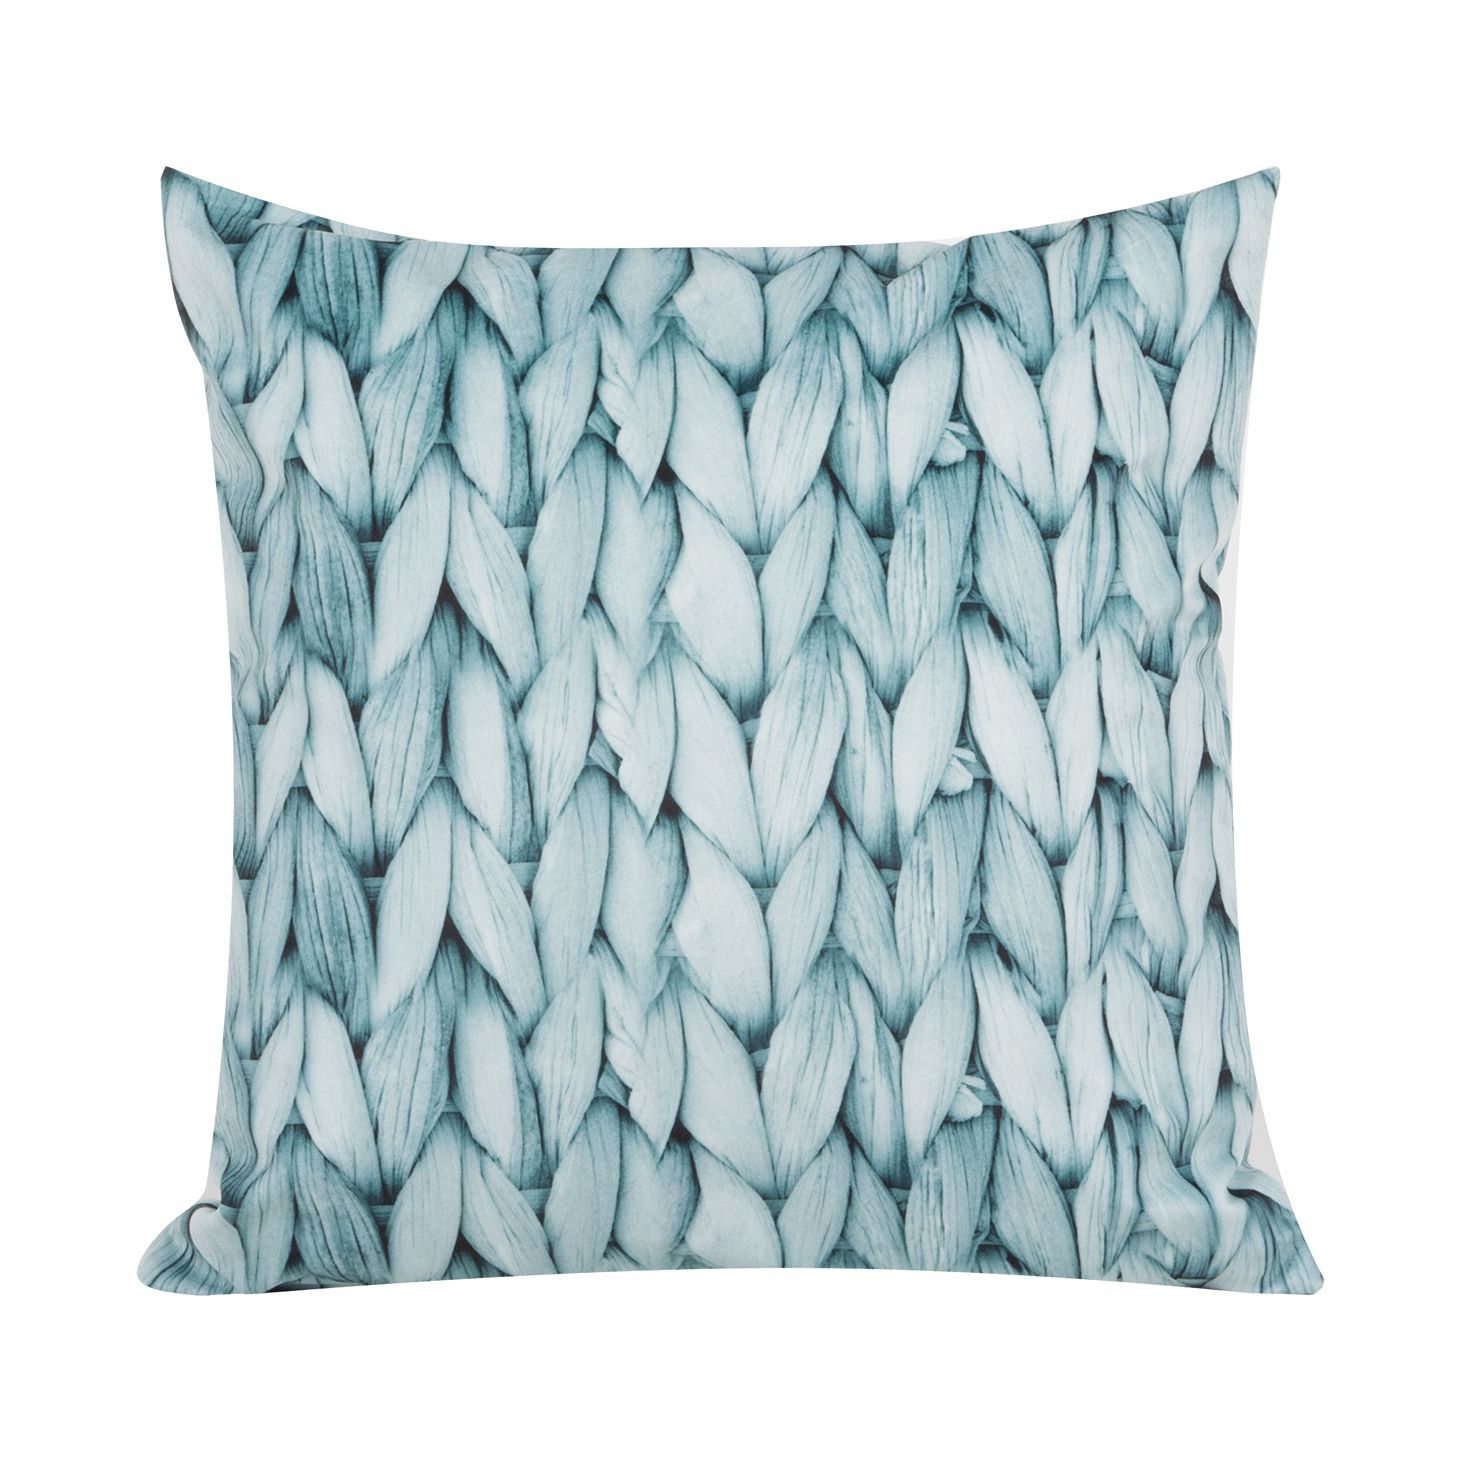 Kussensloop Knitting - grijsblauw 40x40cm - Grijsblauw - 40x40cm, Morteens